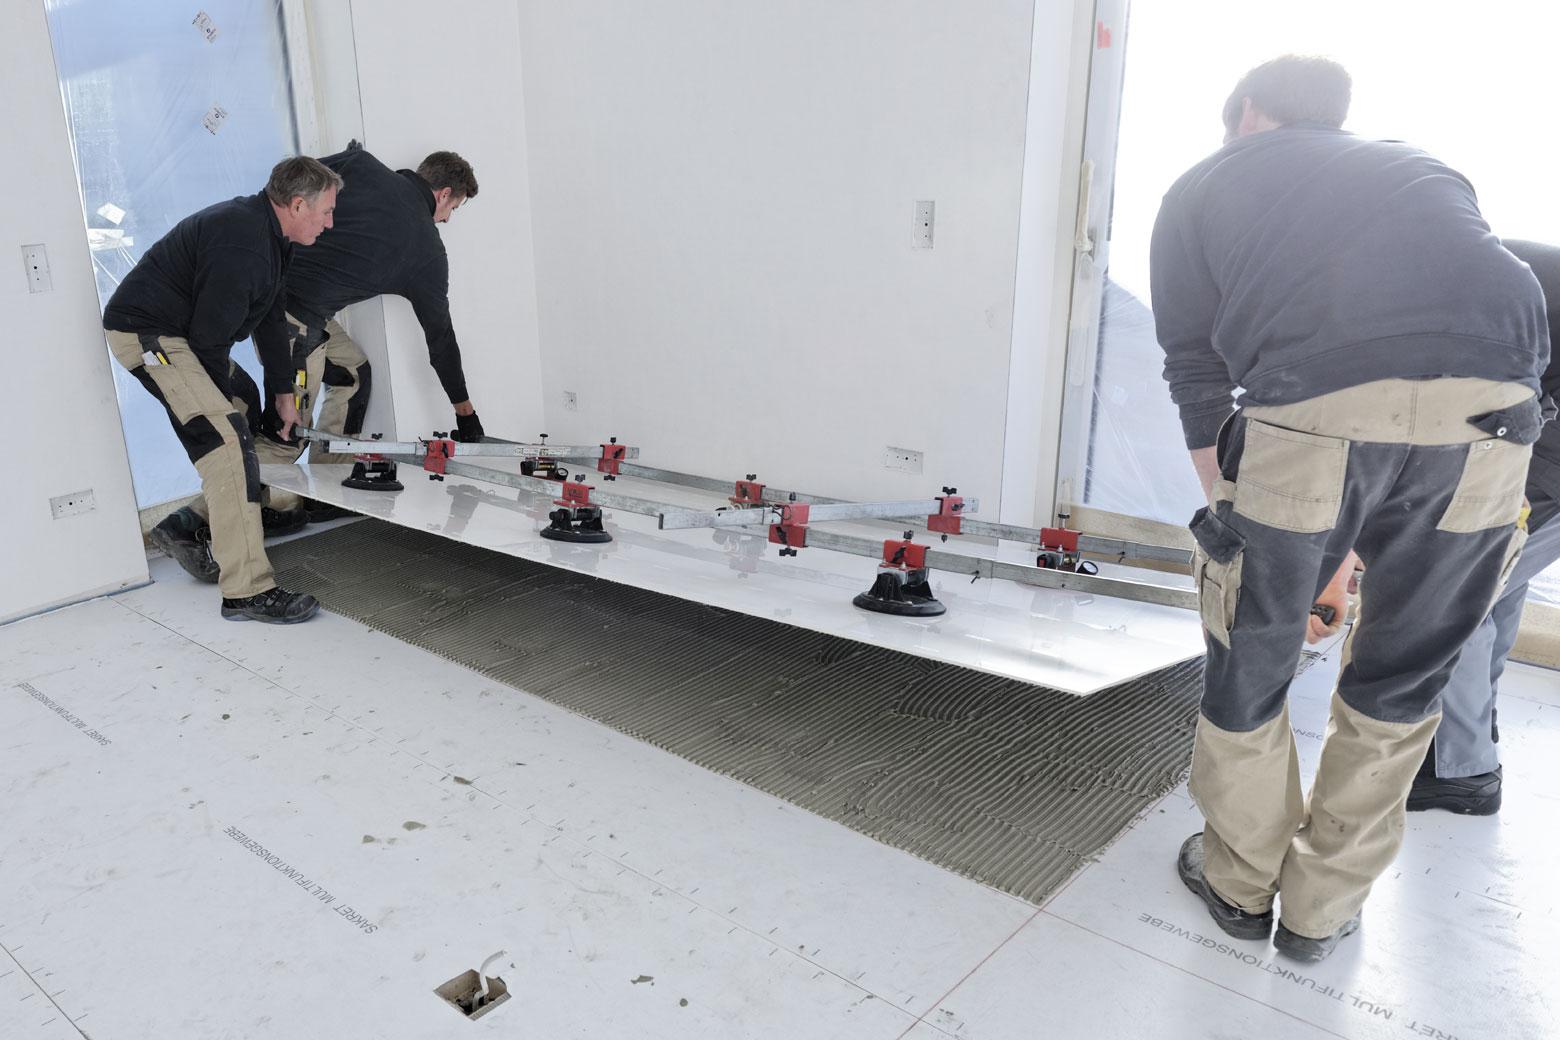 Fliesenleger setzen Großformat Fliese mit Spezialwerkzeug im Wohnzimmer ein